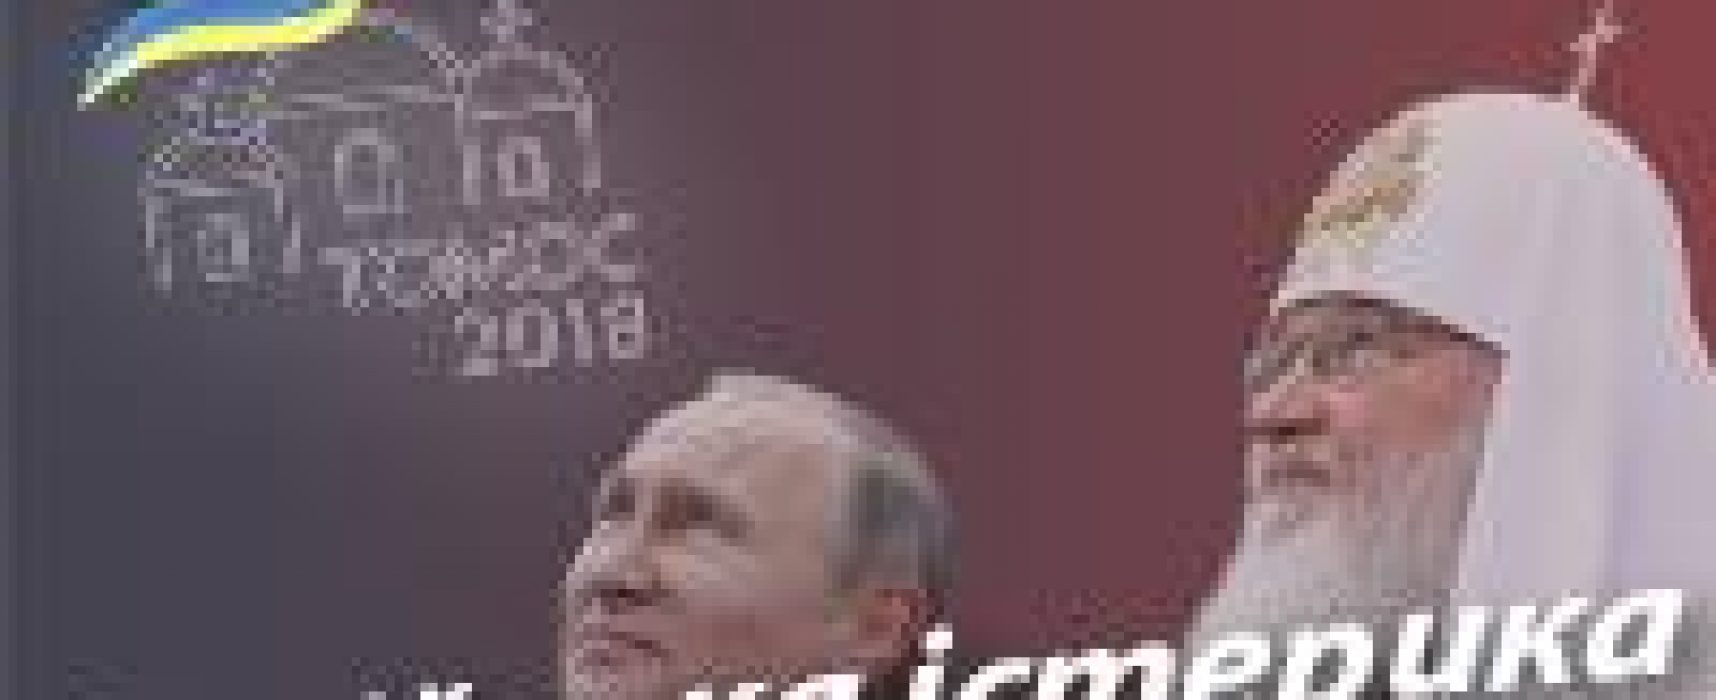 Російська істерика щодо українського Томосу – StopFake.org